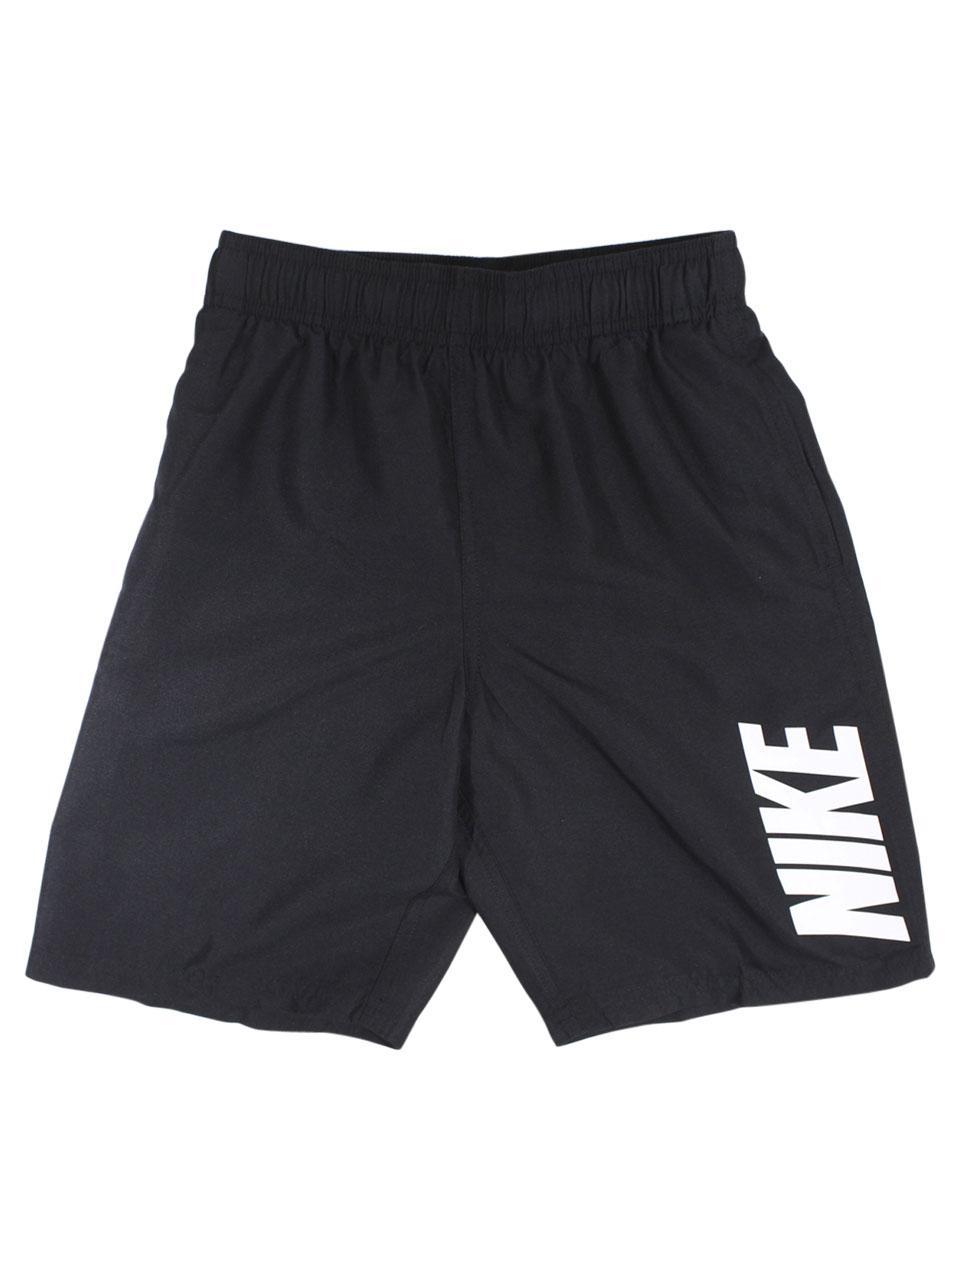 Nike Big Boy's 8-Inch Volley Shorts Trunks Swimwear